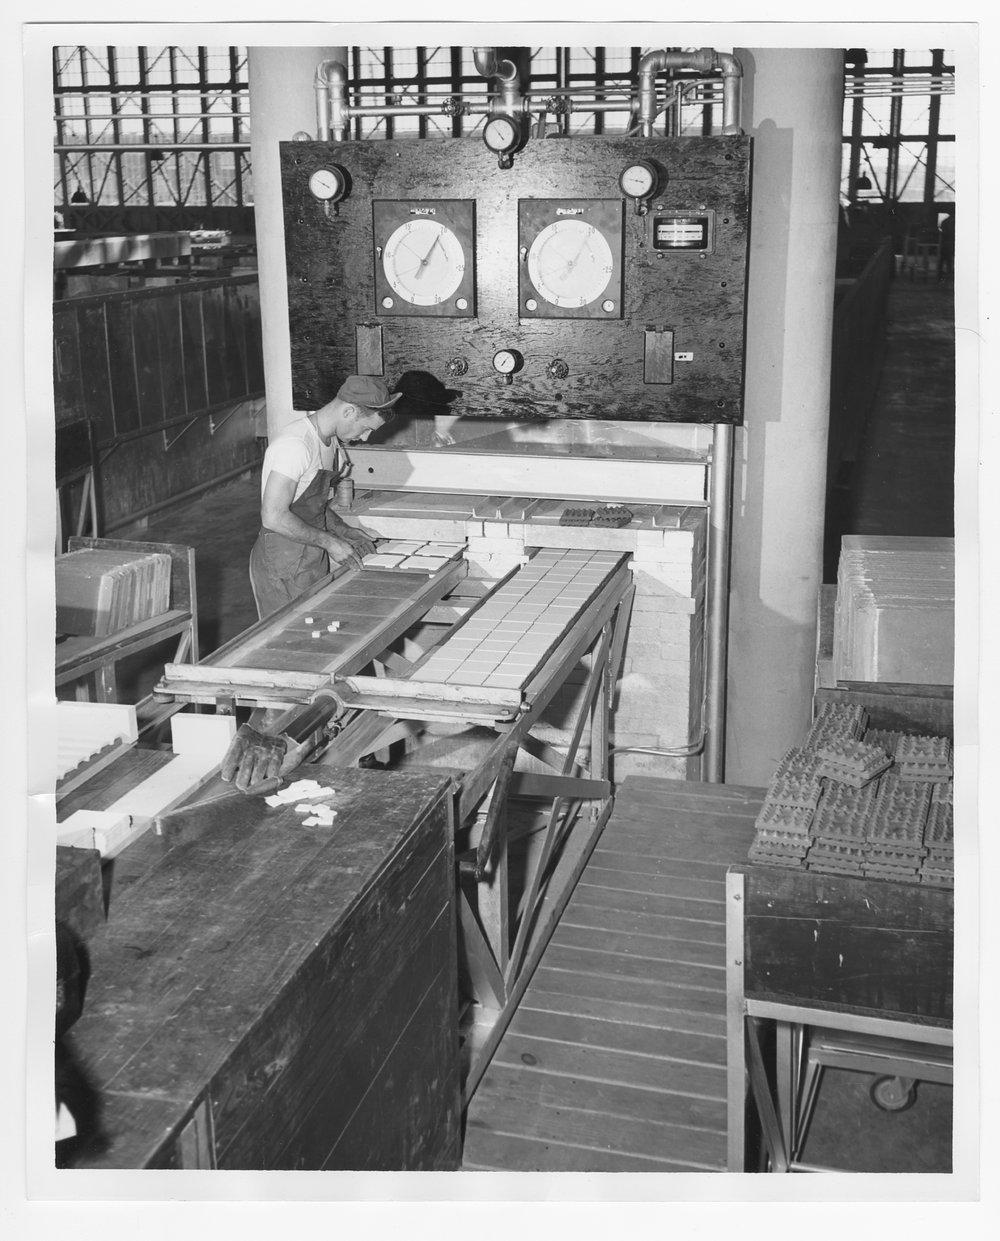 Pomona Tile Company, Arkansas City, Kansas